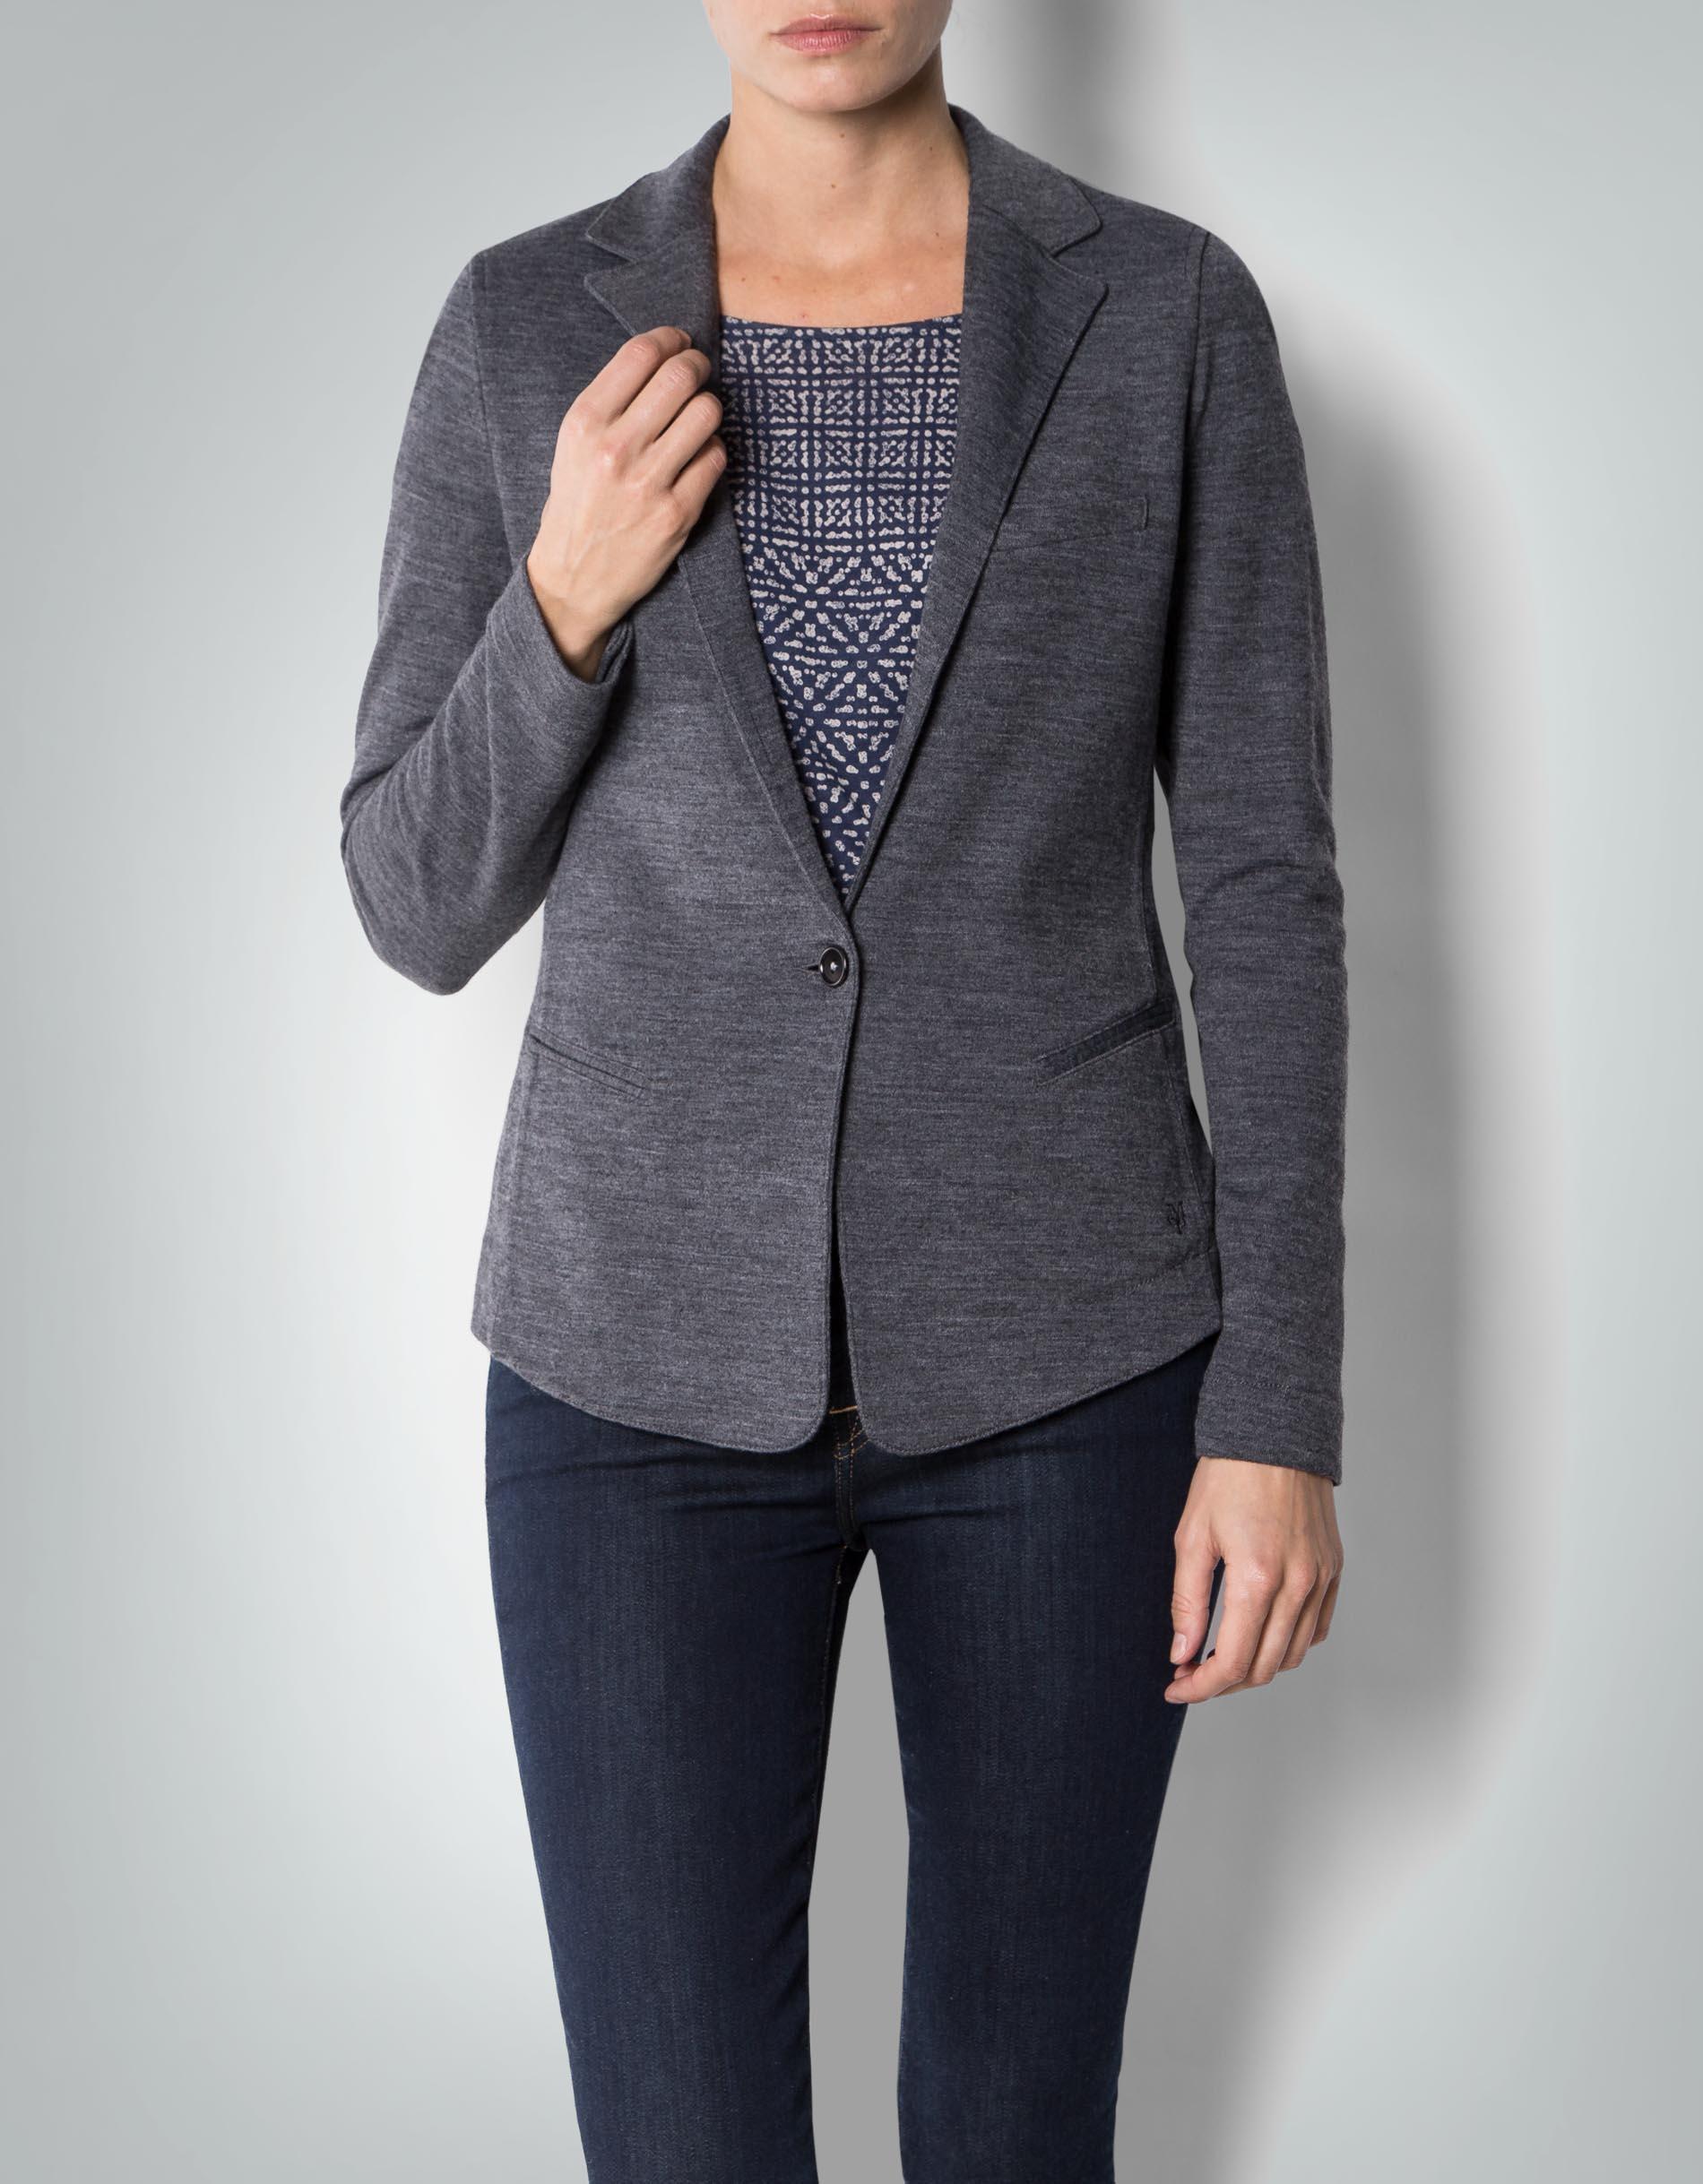 marc o 39 polo damen jersey blazer mit woll anteil empfohlen von deinen schwestern. Black Bedroom Furniture Sets. Home Design Ideas